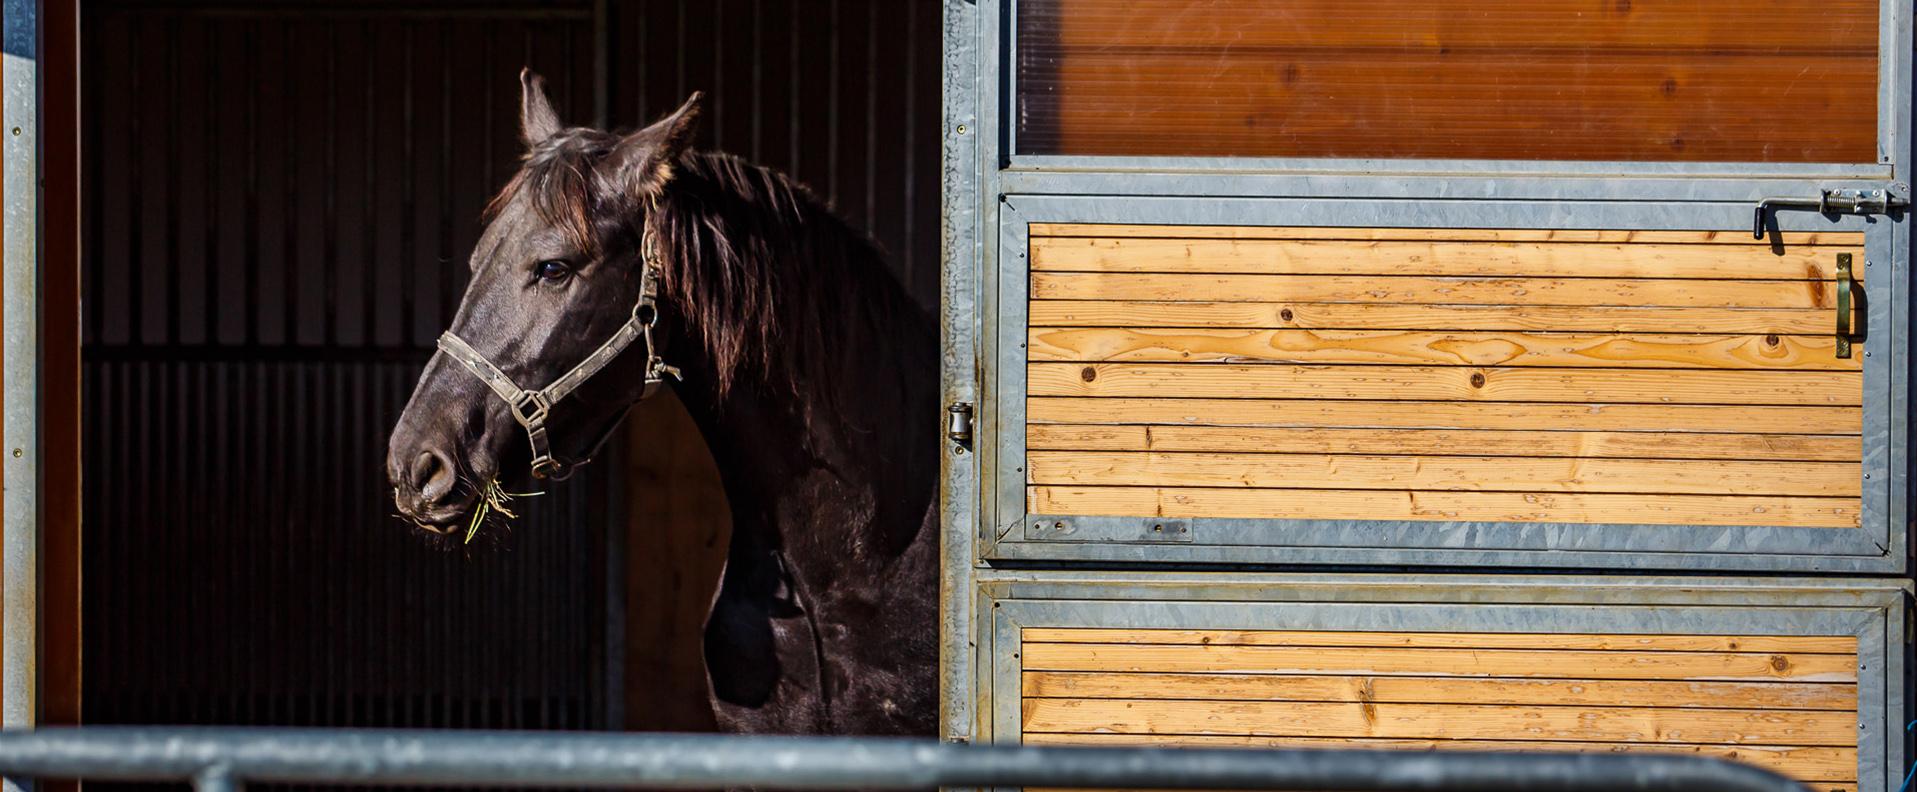 Ako každý vie, hipoterapia je priama alebo nepriama liečba za pomoci koňa.